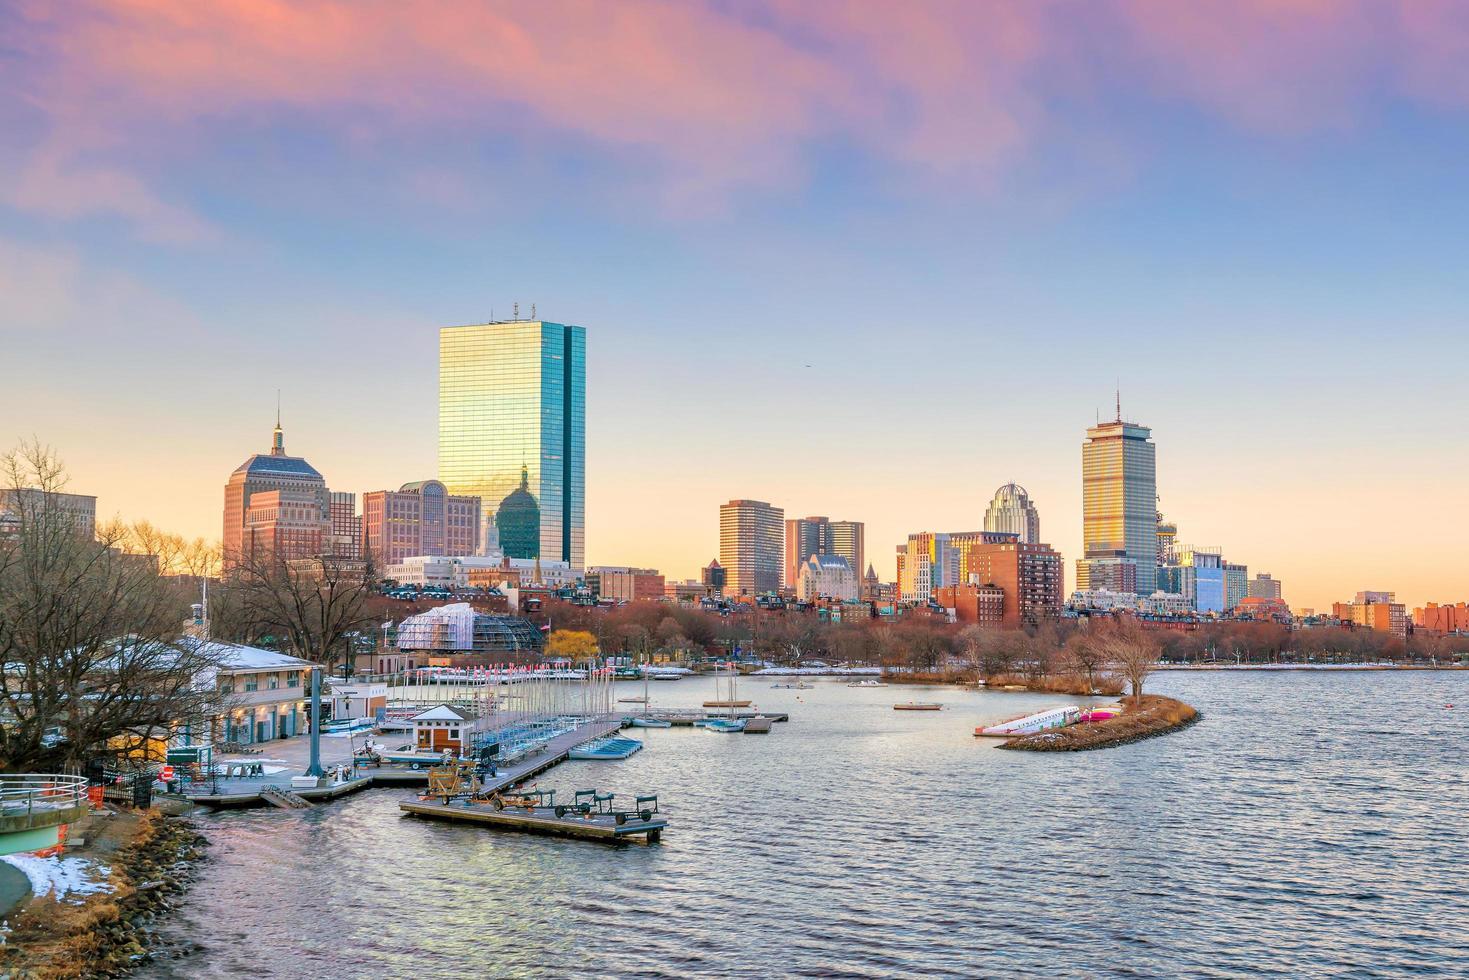 panoramisch uitzicht op de skyline van Boston met wolkenkrabbers bij schemering in de Verenigde Staten foto